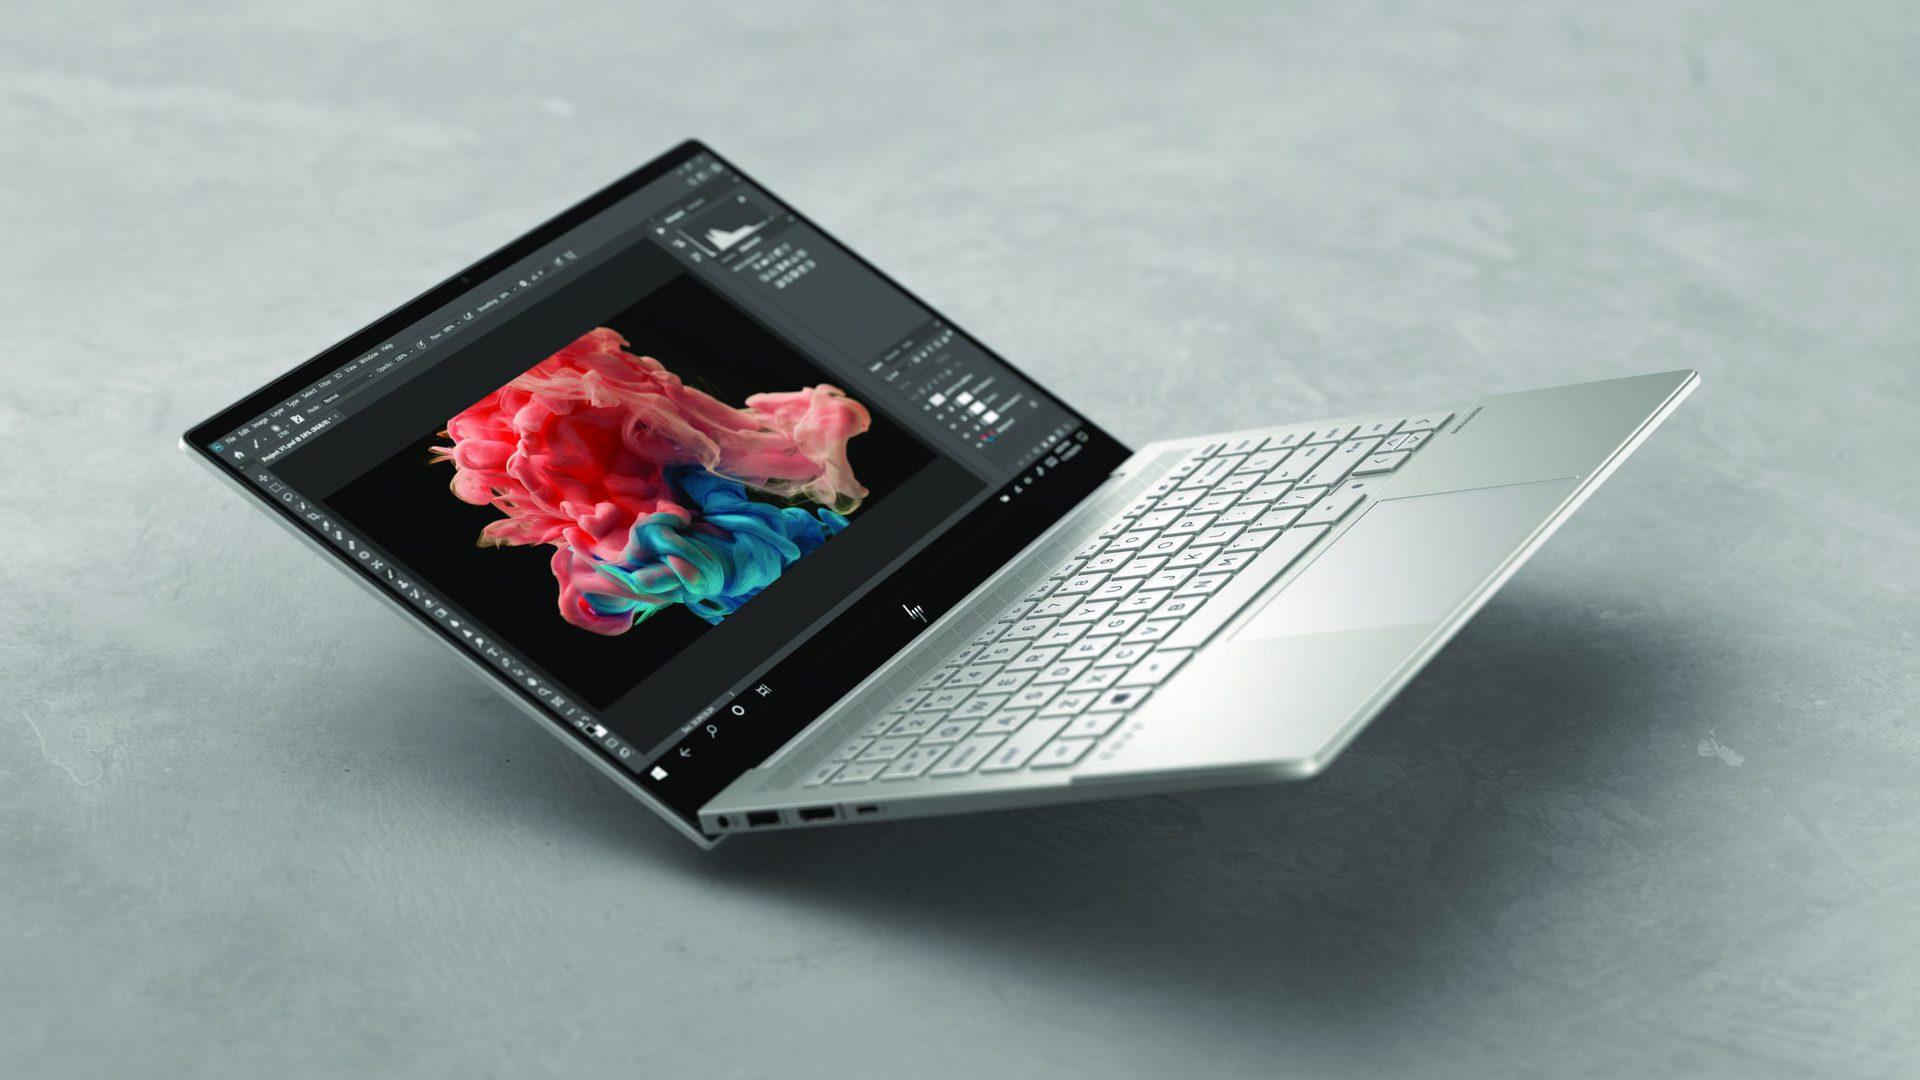 Yeni güçlü iş bilgisayarı HP Envy 14 tanıtıldı! 16,5 saatlik pil ömrü sunuyor